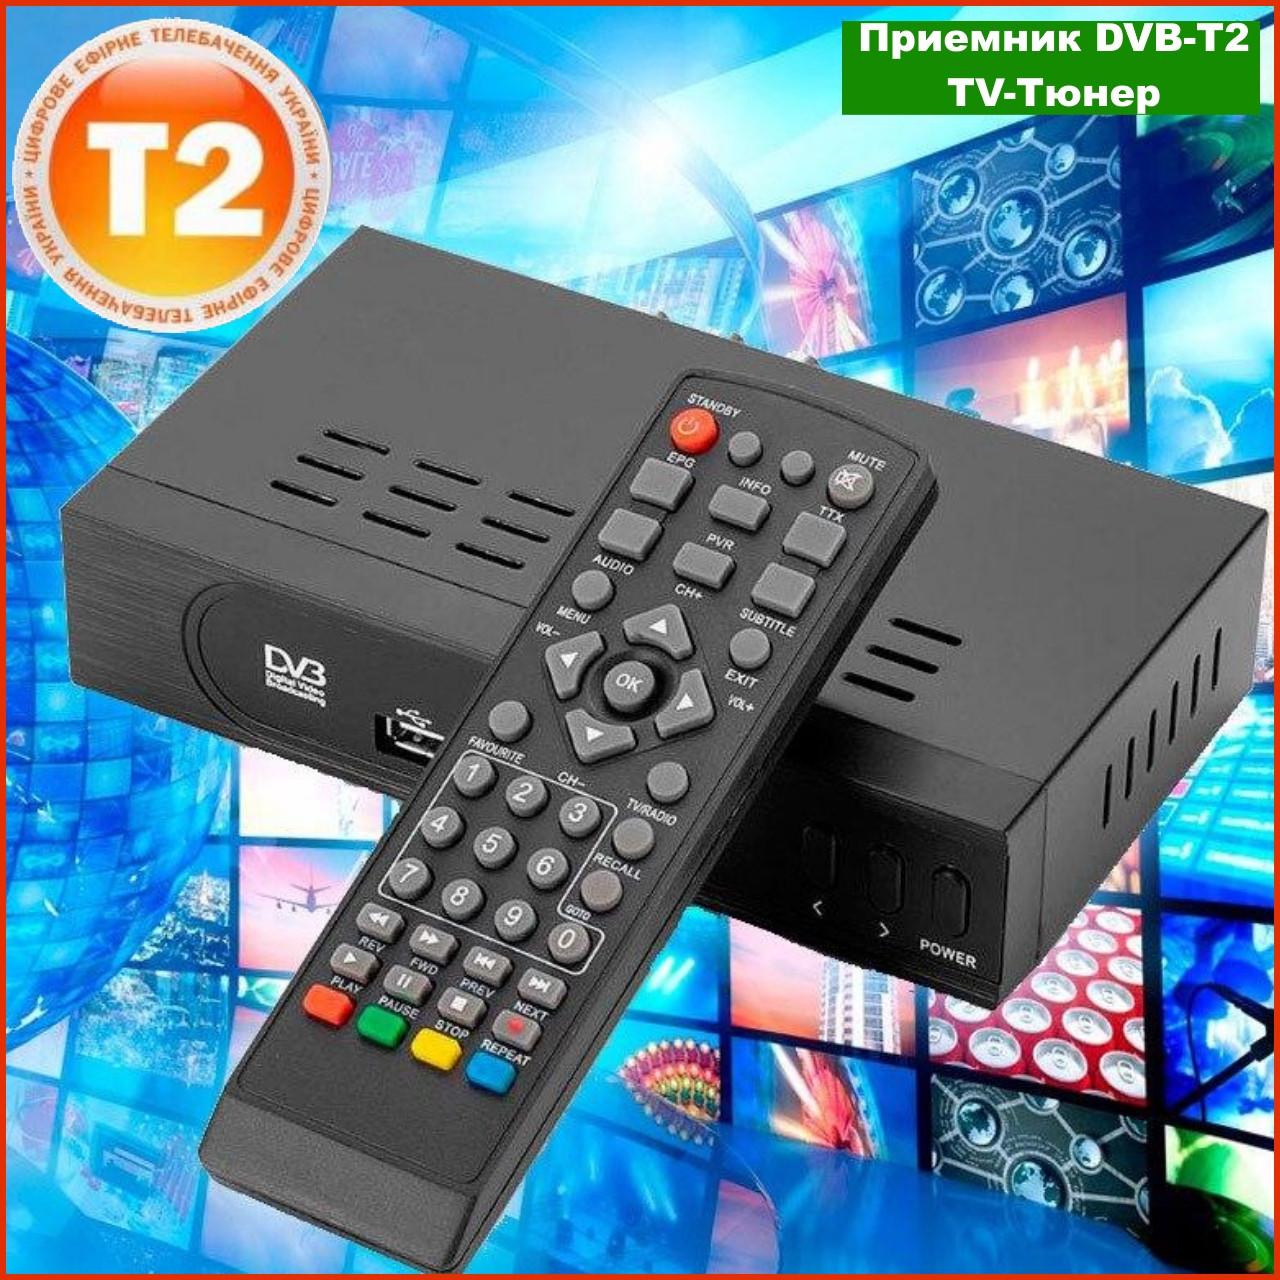 Приемник DVB-T2 для цифрового телевидения Тюнер LCD с поддержкой wi-fi адаптера+Megogo ТВ ресивер ТВ тюнер